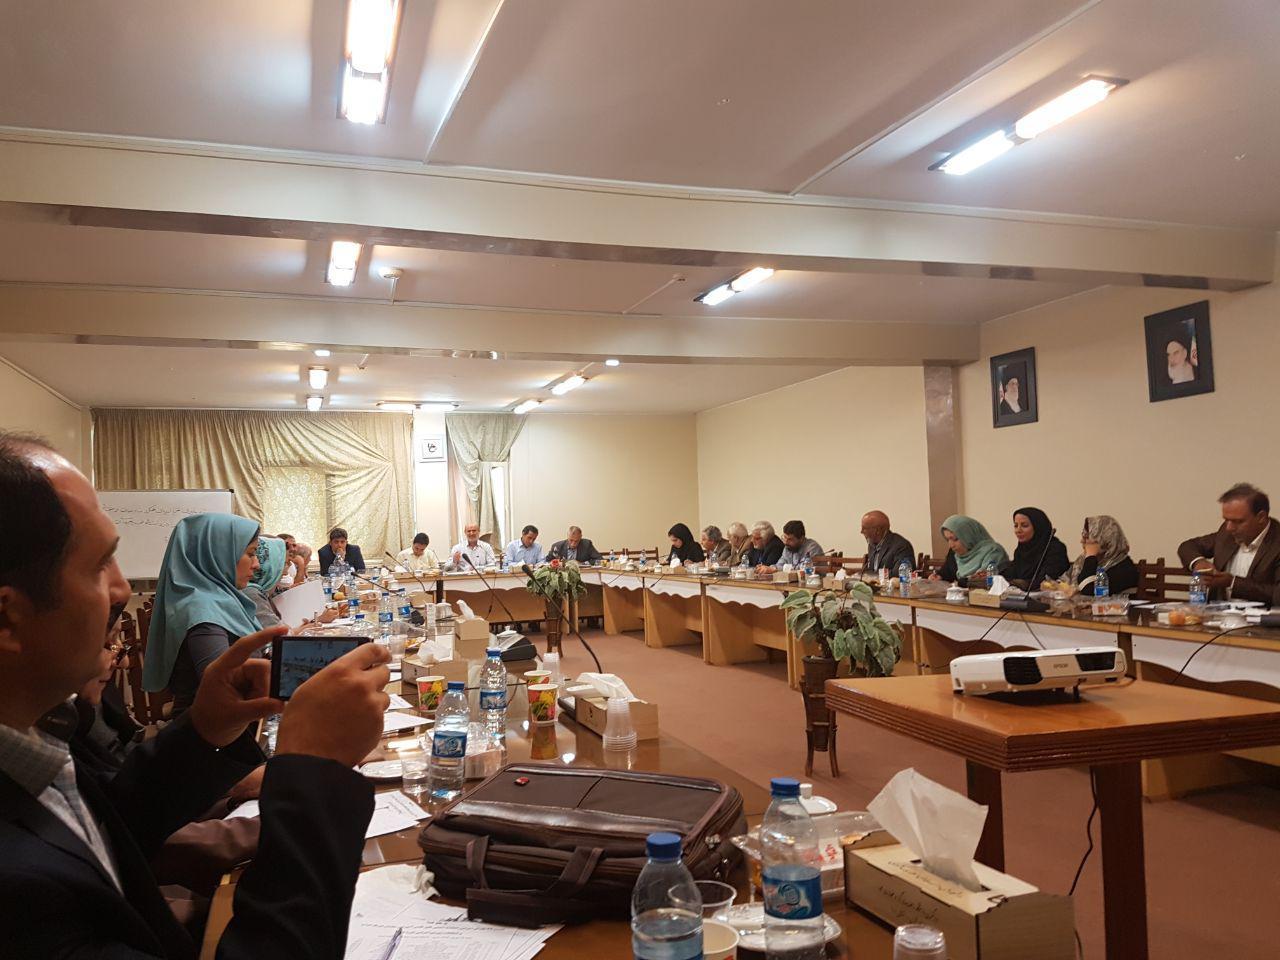 نشست شورای نمایندگان اتحادیه انجمن های علمی آموزشی معلمان فیزیک ایران